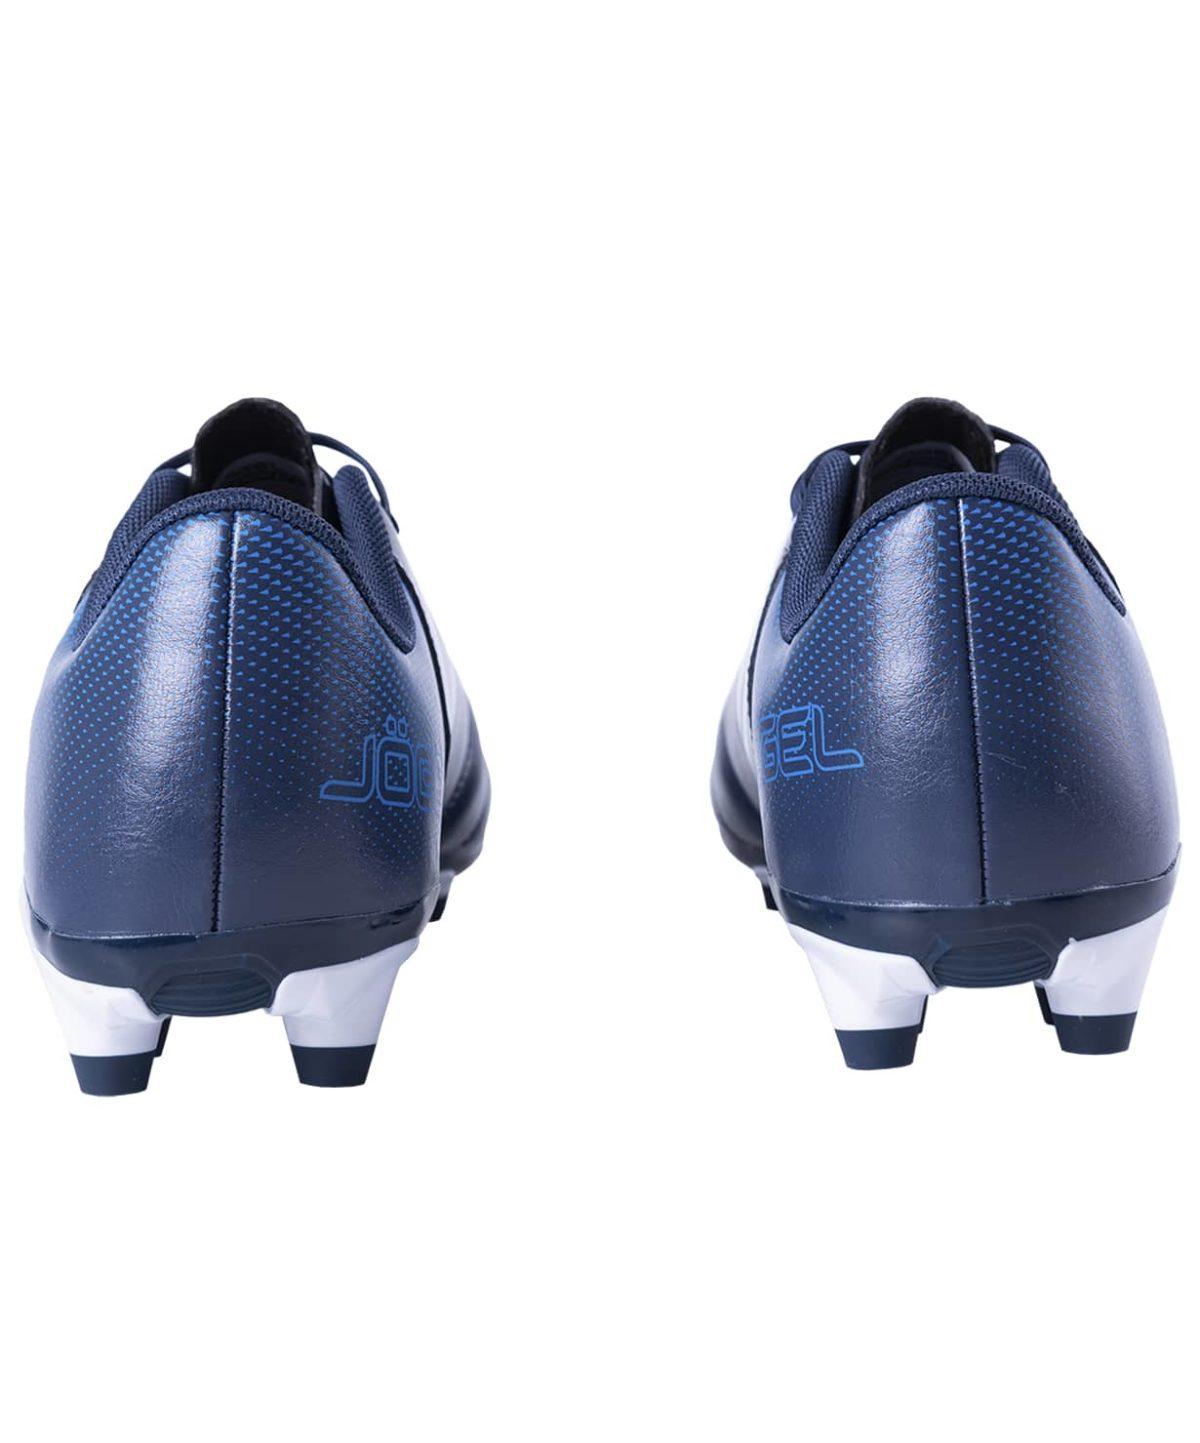 JOGEL Бутсы футбольные Mondo (41-45) JSH402: темно-синий - 4